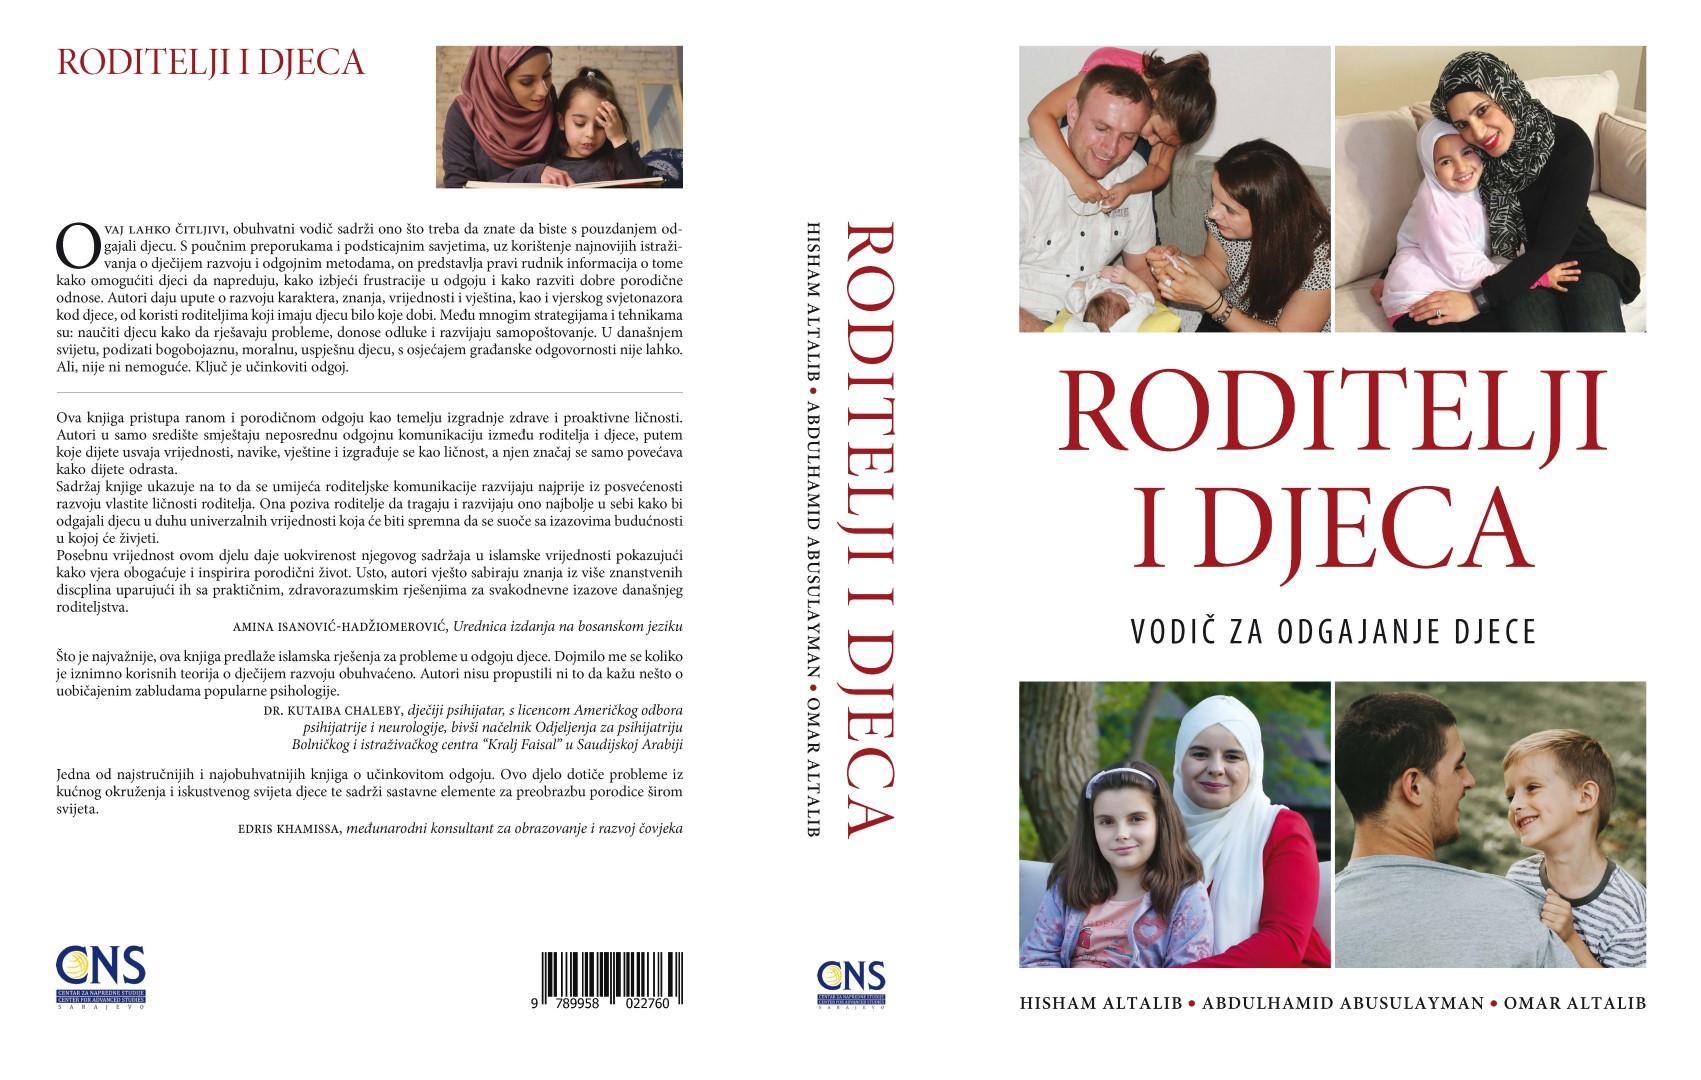 Novo izdanje: Roditelji i djeca – vodič za odgajanje djece